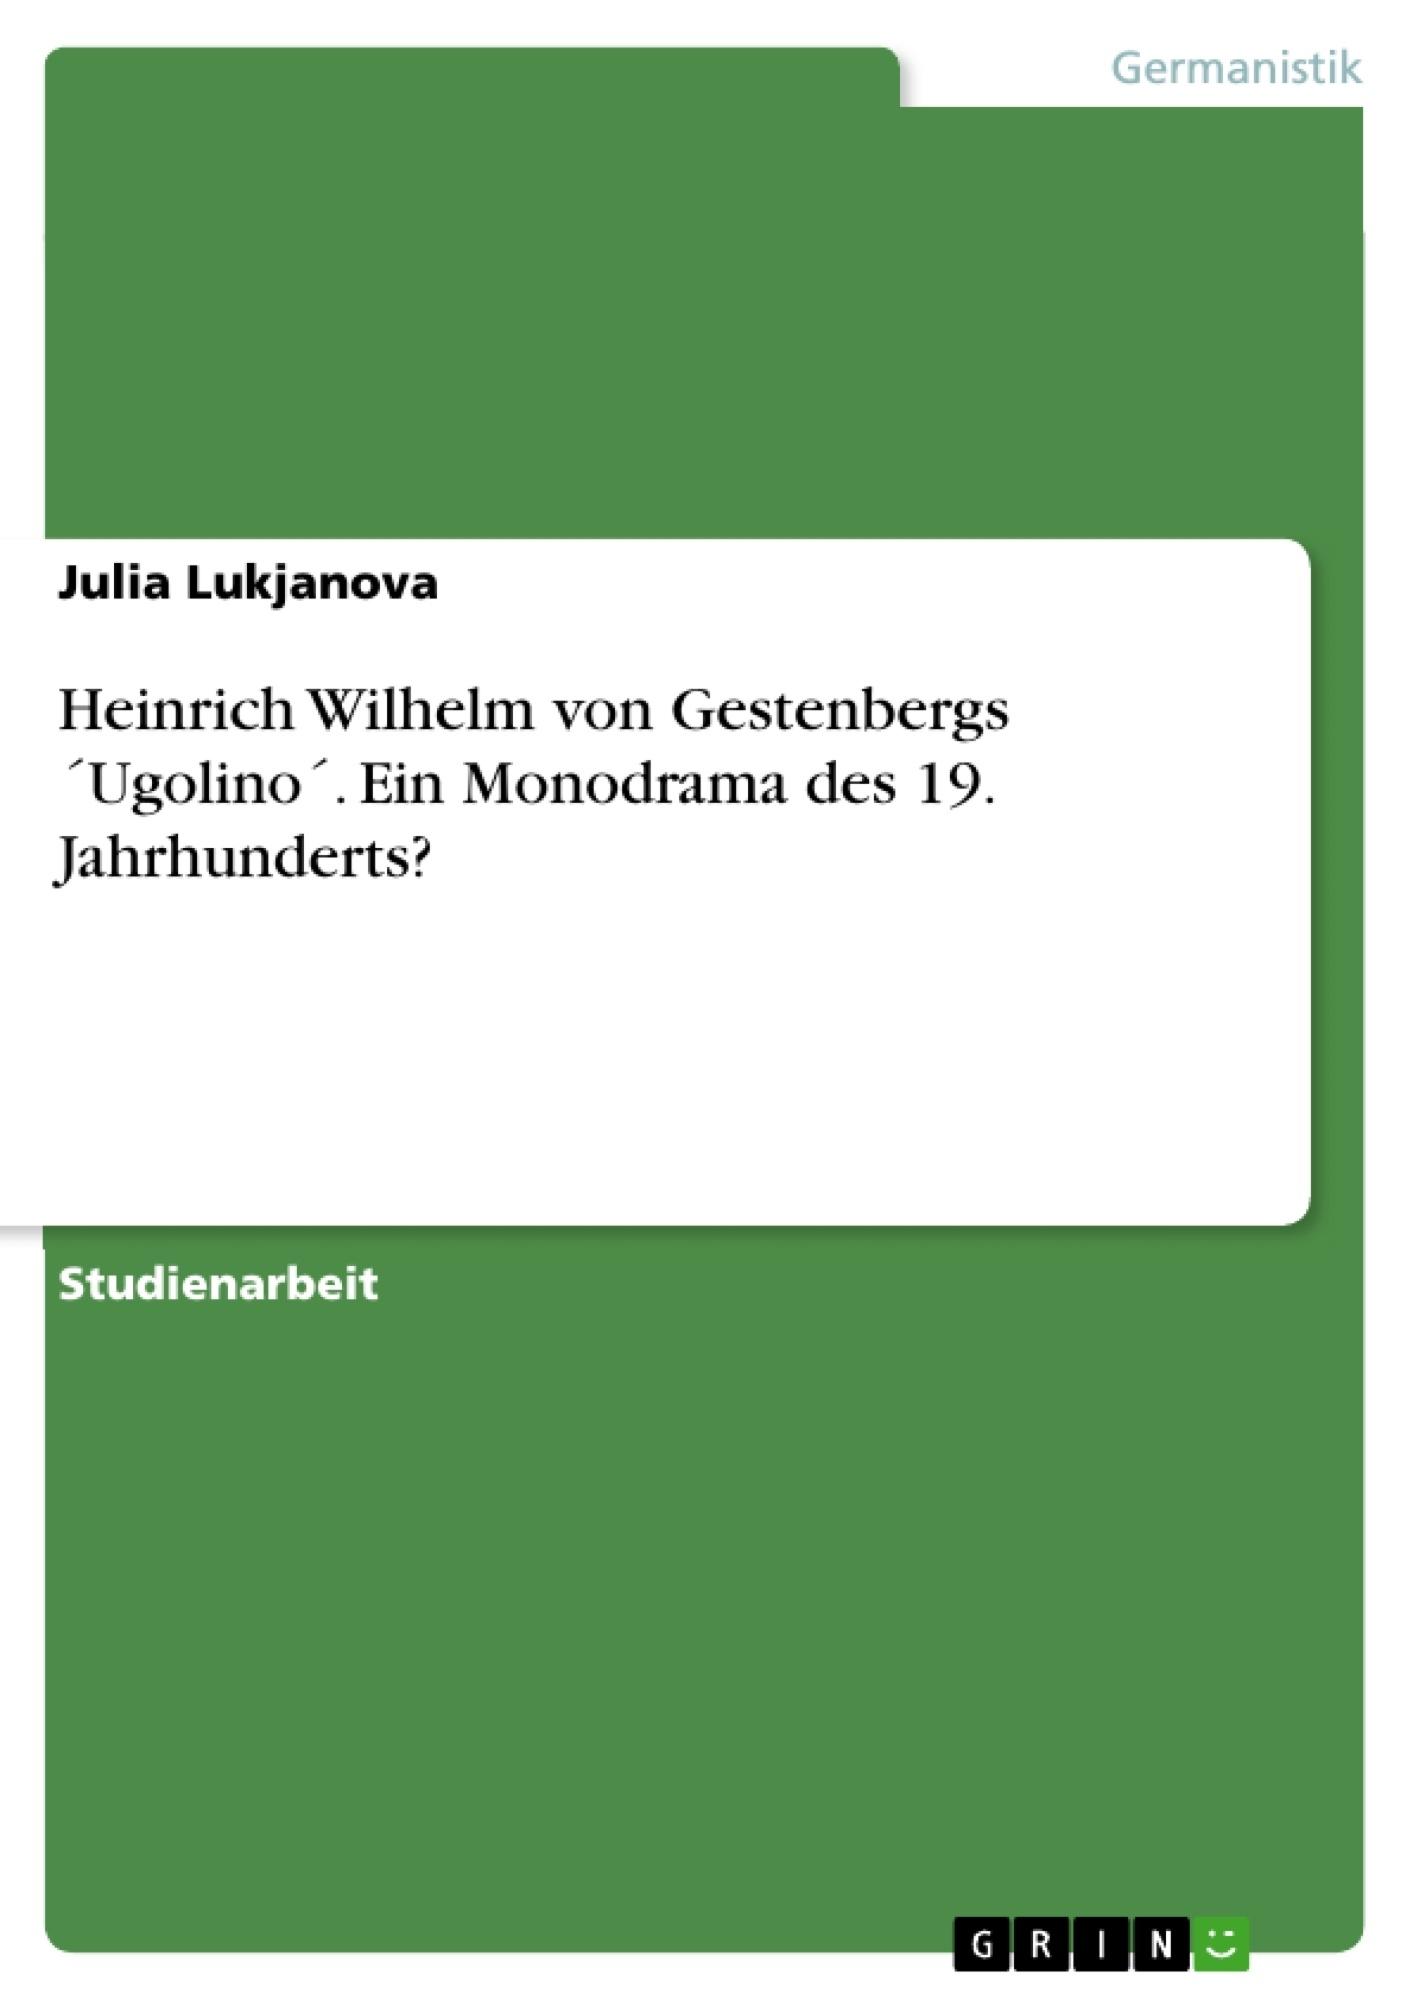 Titel: Heinrich Wilhelm von Gestenbergs ´Ugolino´. Ein Monodrama des 19. Jahrhunderts?